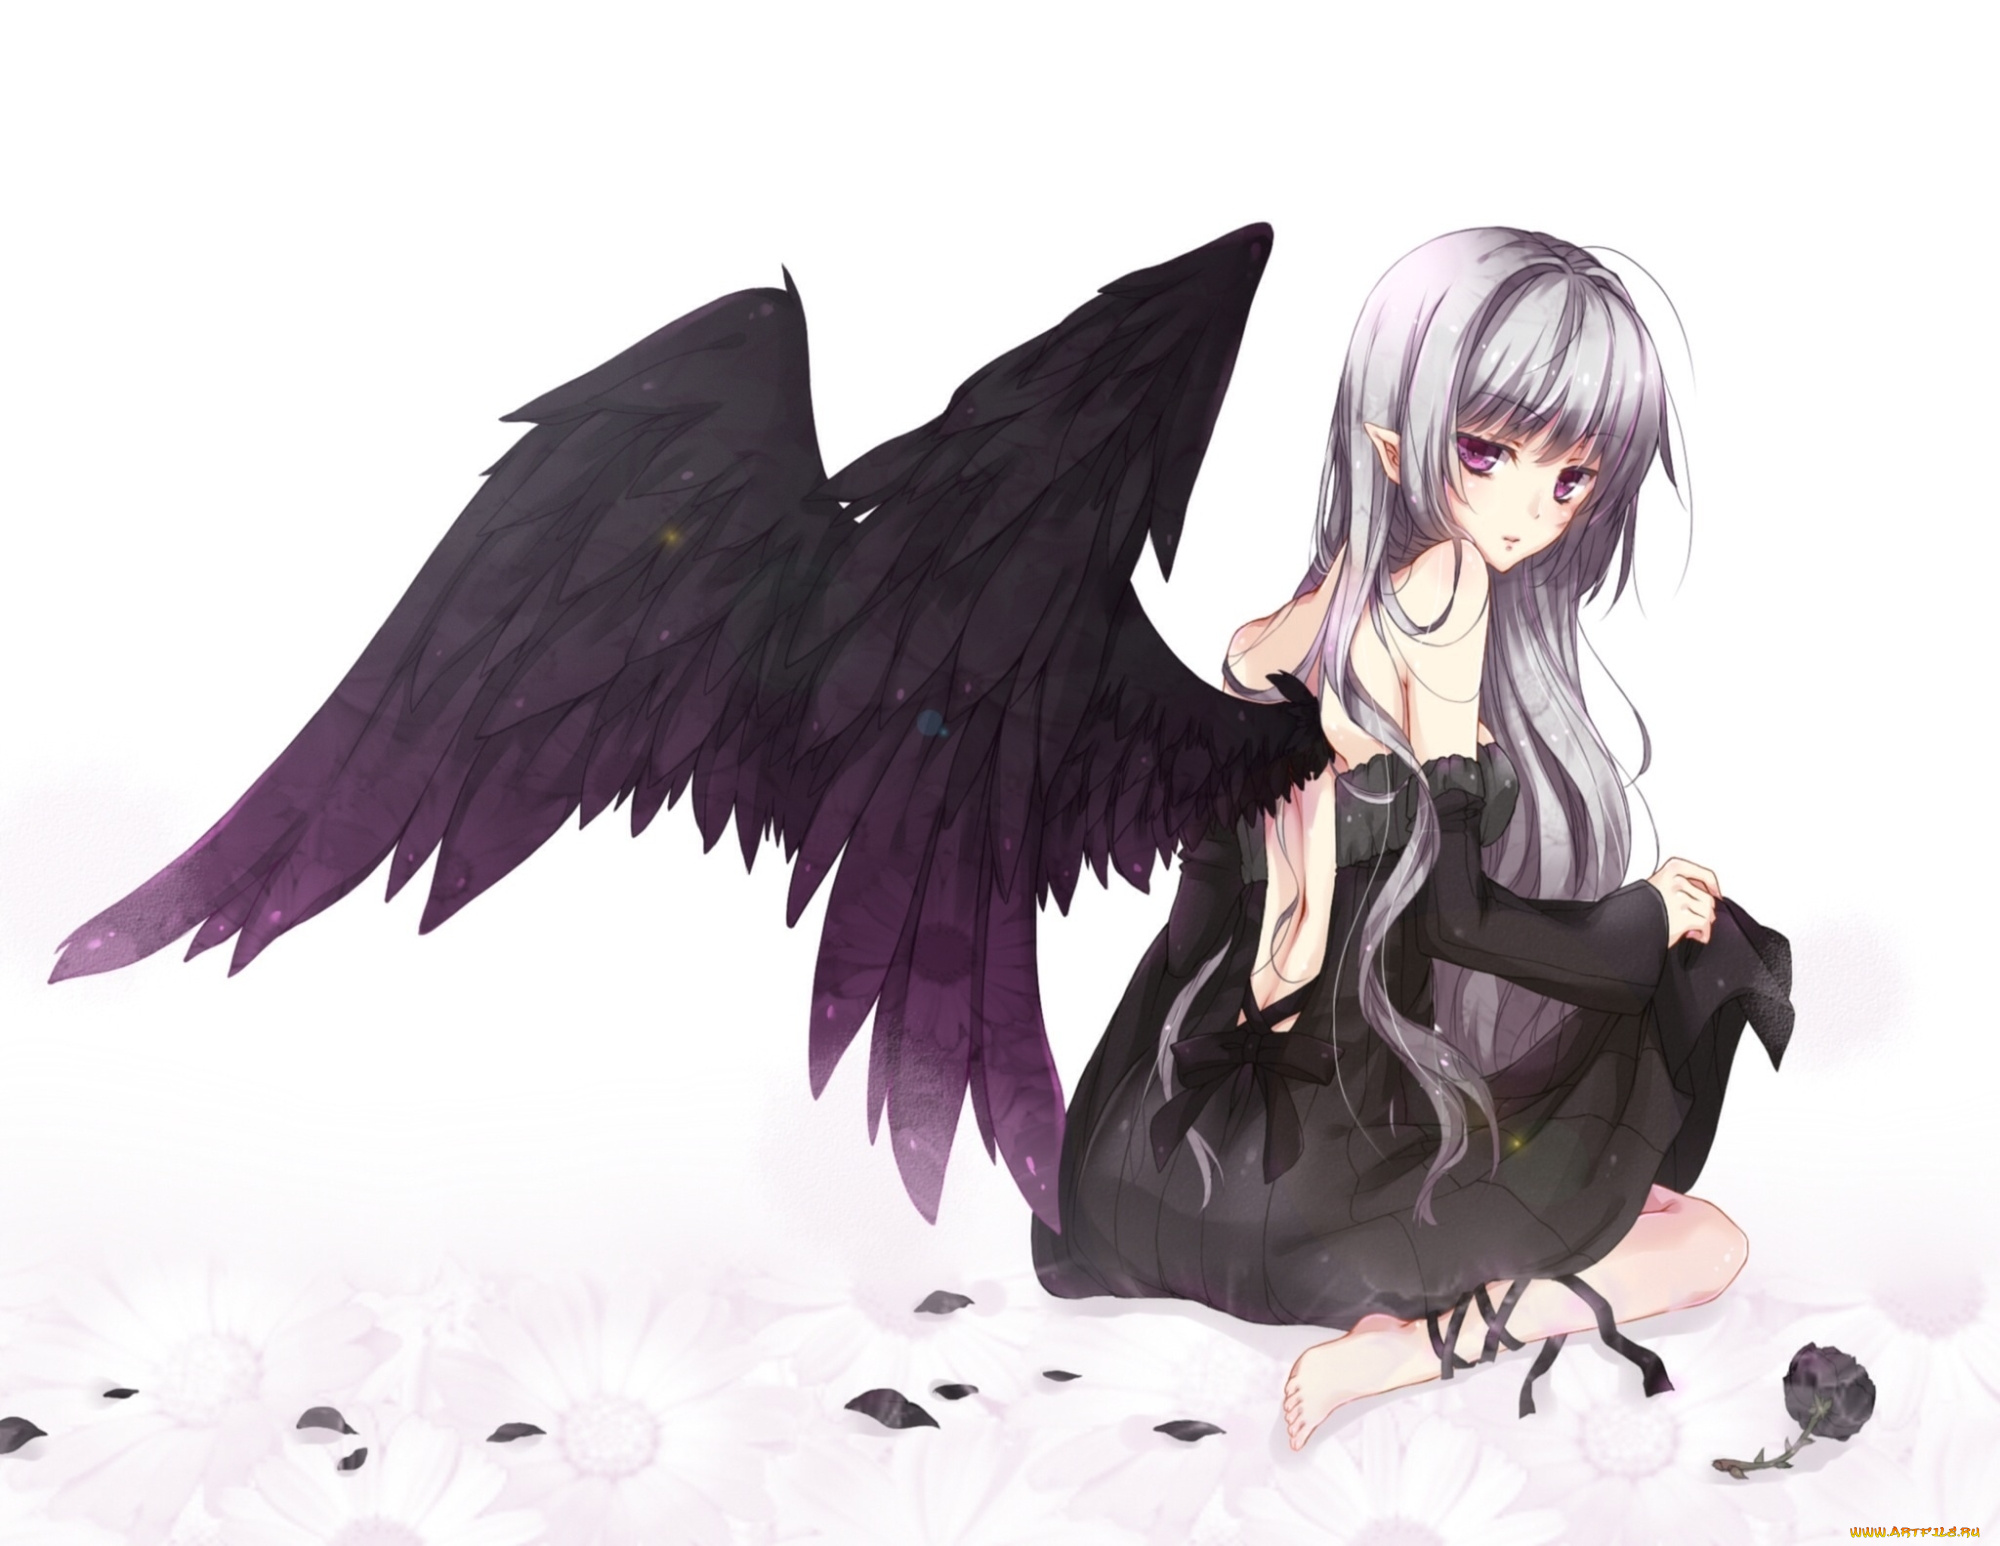 Картинки с девочками аниме с крыльями, про любовь открытки